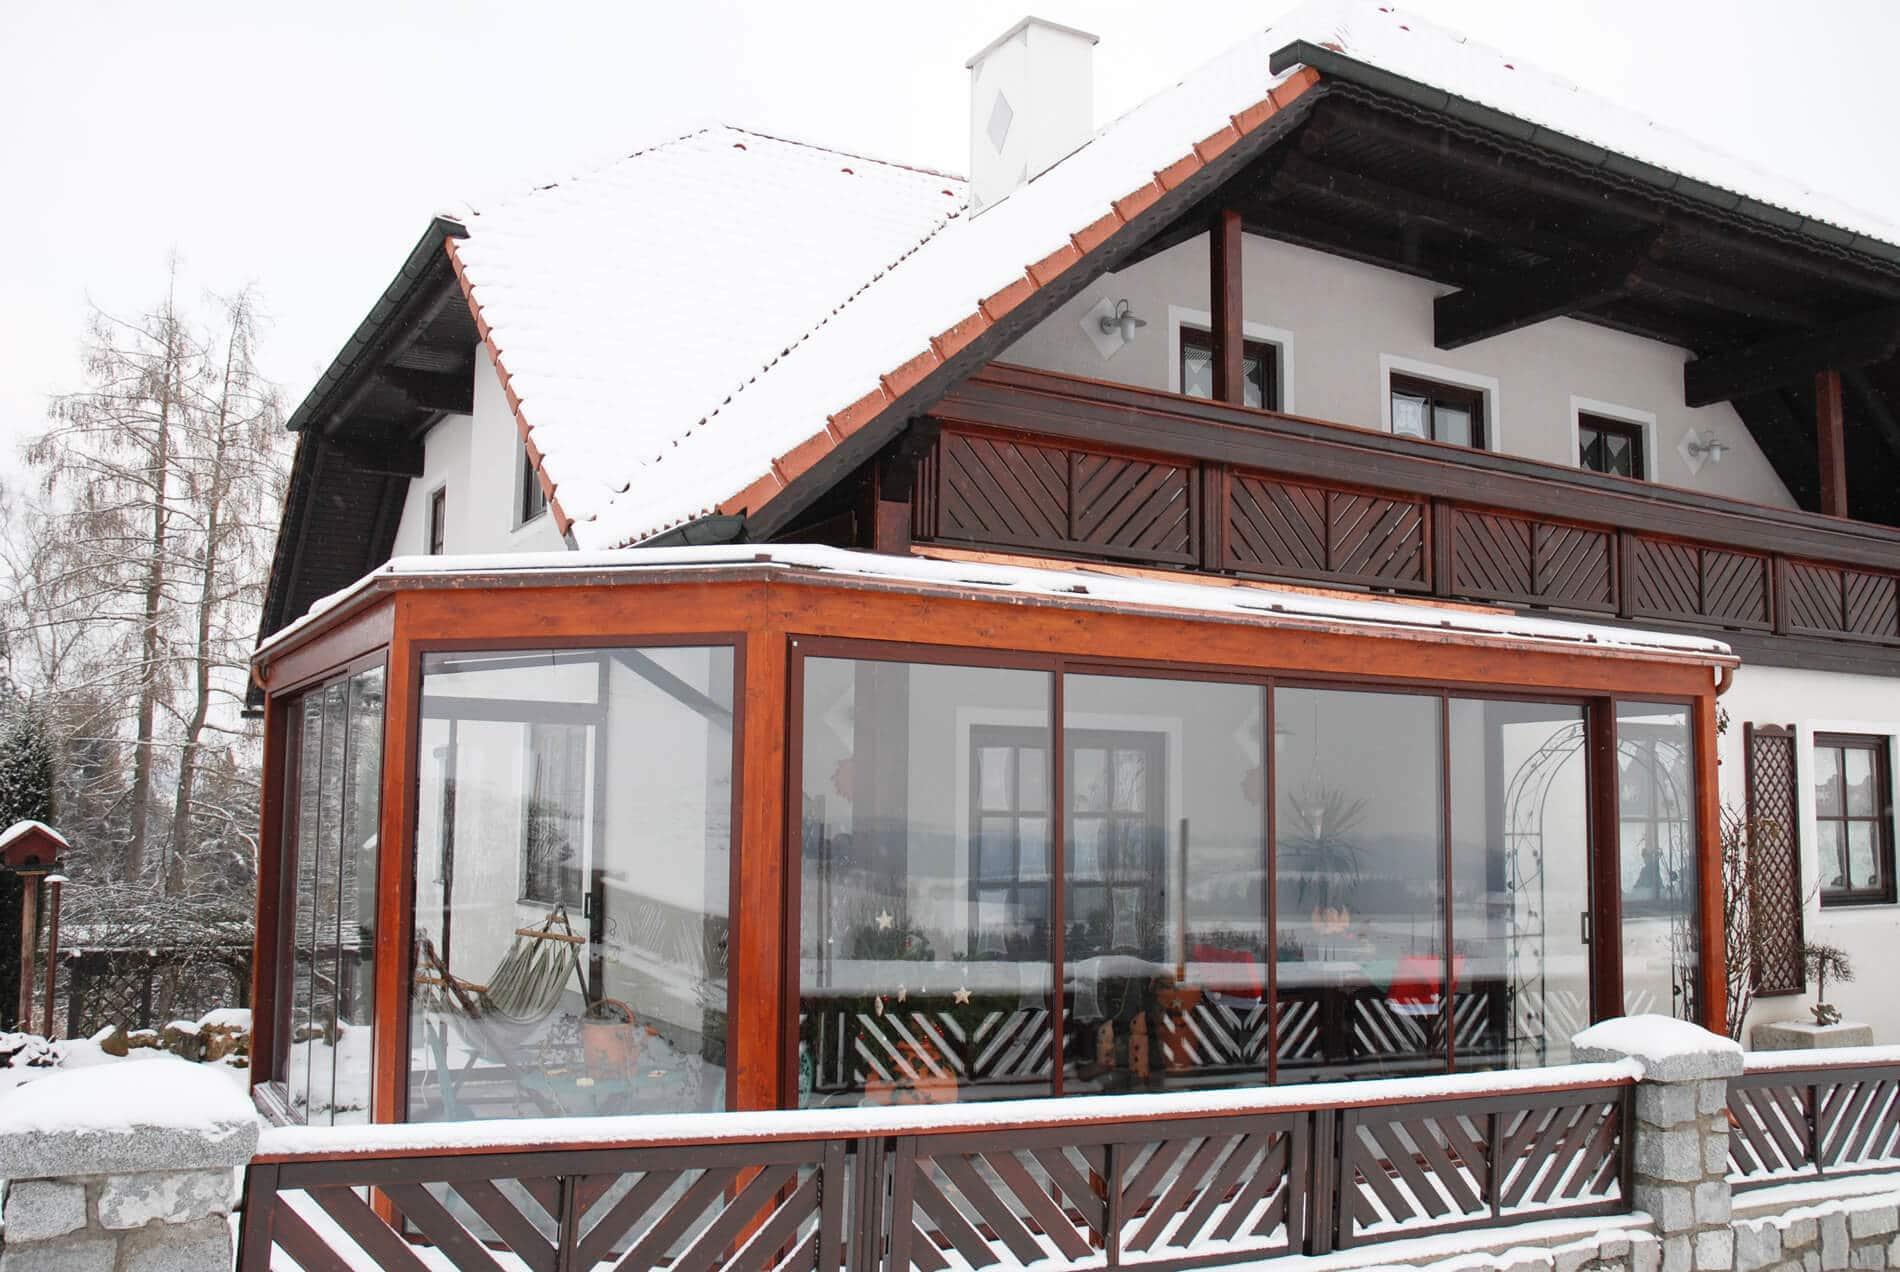 Wintergarten RAL 8019 Einfamilienhaus in Österreich